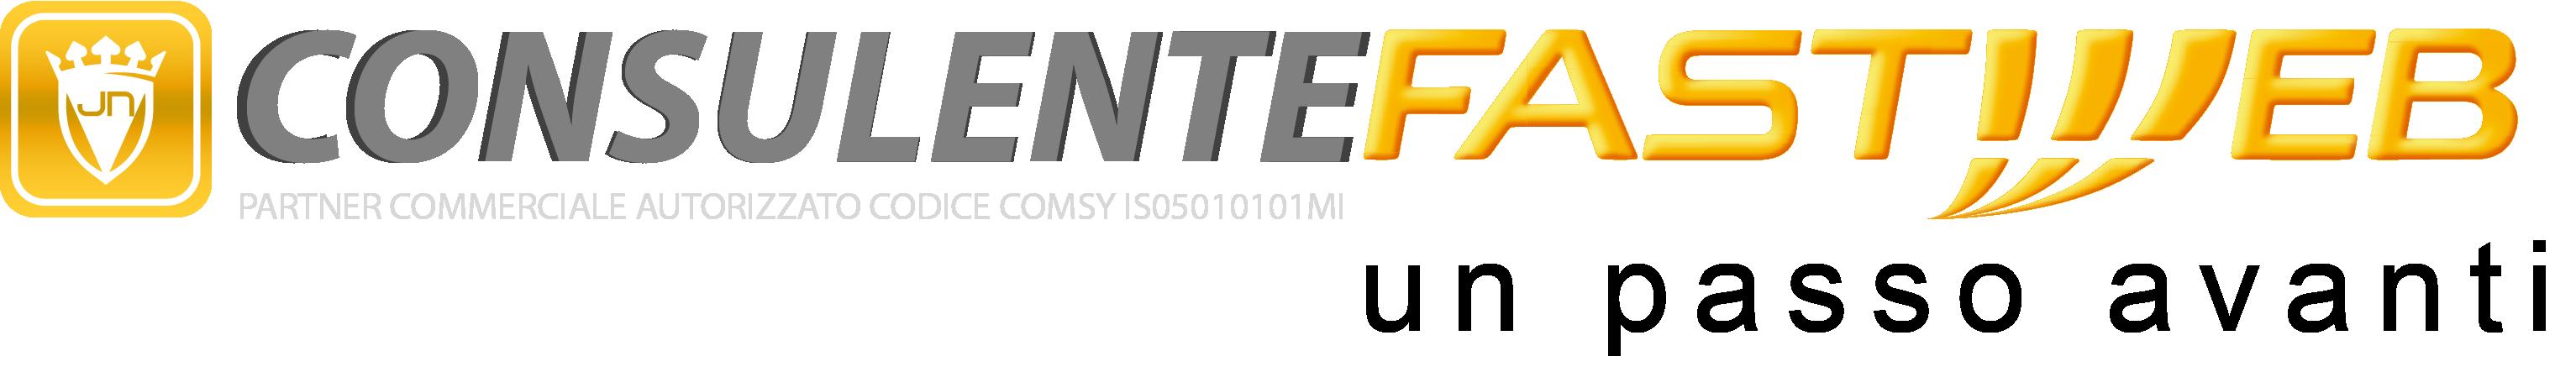 Consulente Fastweb - Fibra Impresa